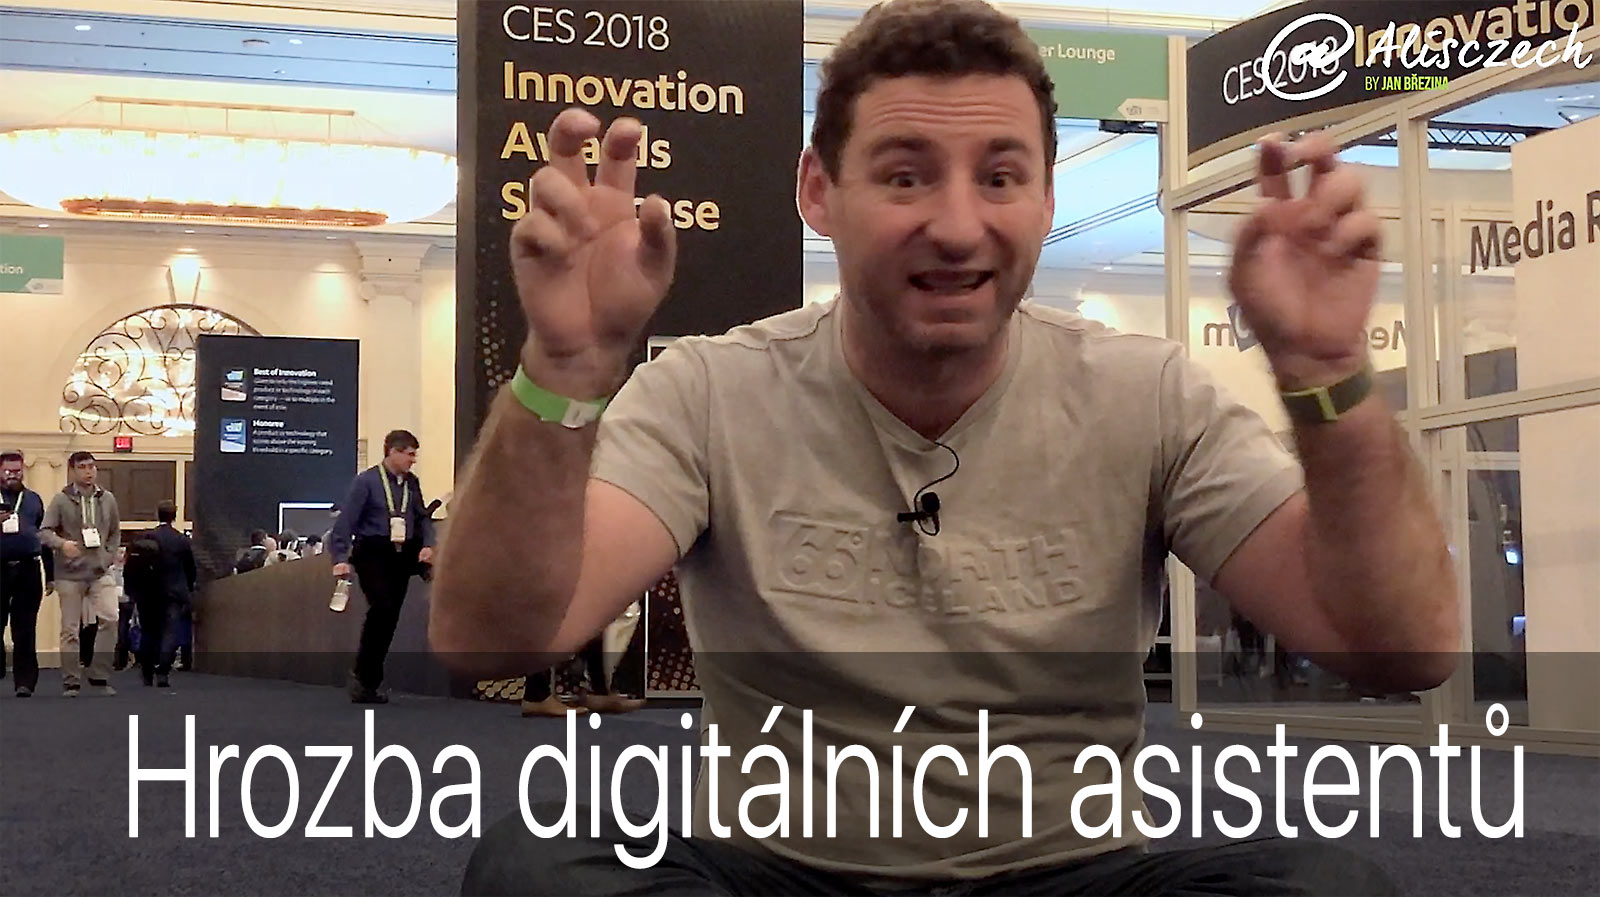 Hrozba digitálních asistentů